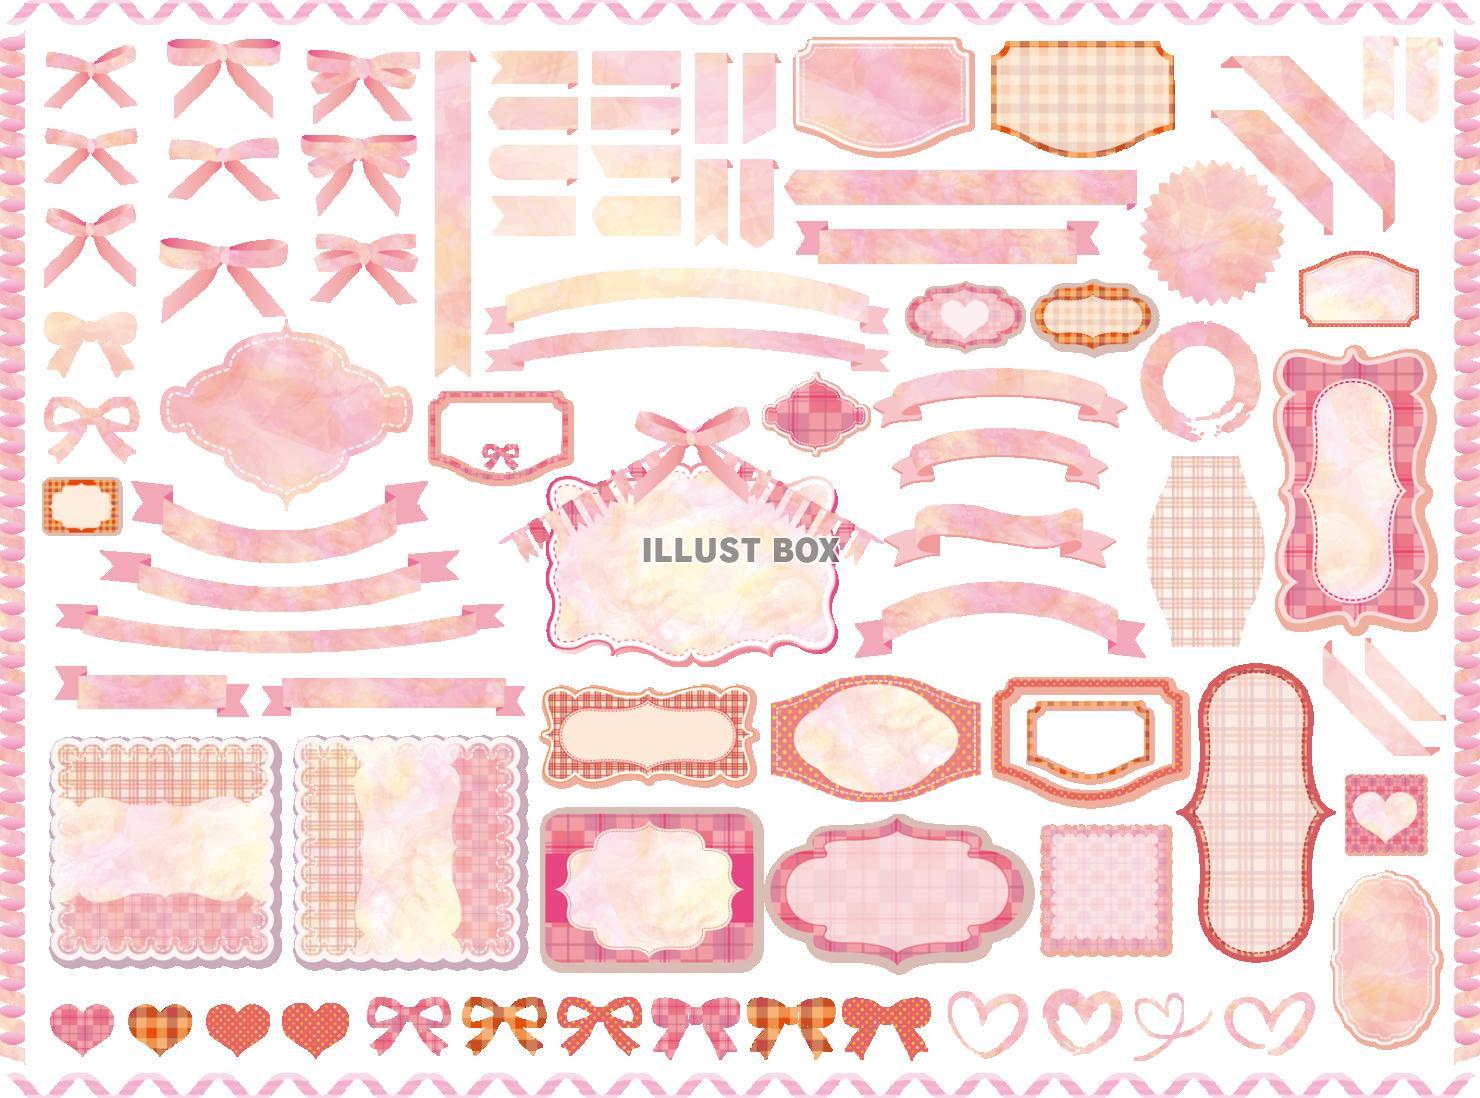 無料イラスト リボン,フレーム,水彩,手書き,背景,枠,ピンク,イラスト,